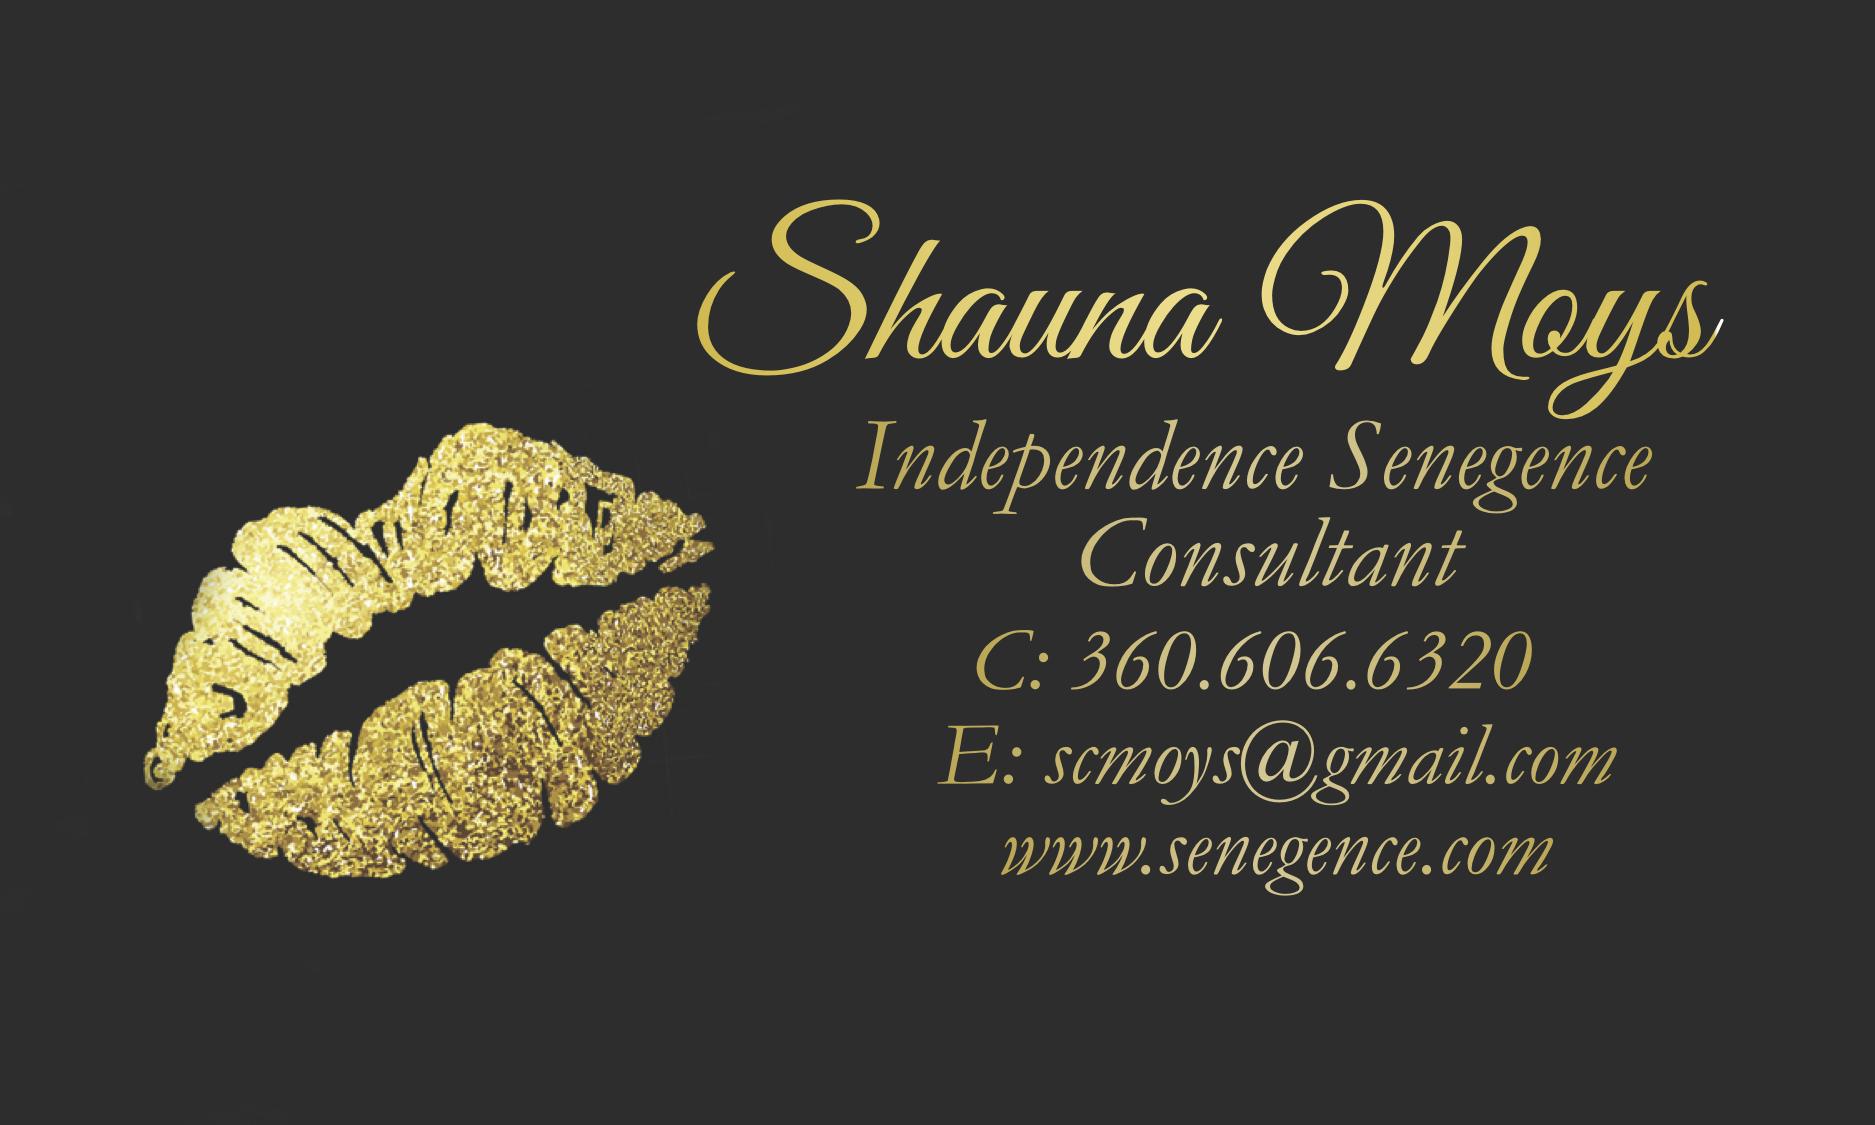 Shauna Gold.jpg